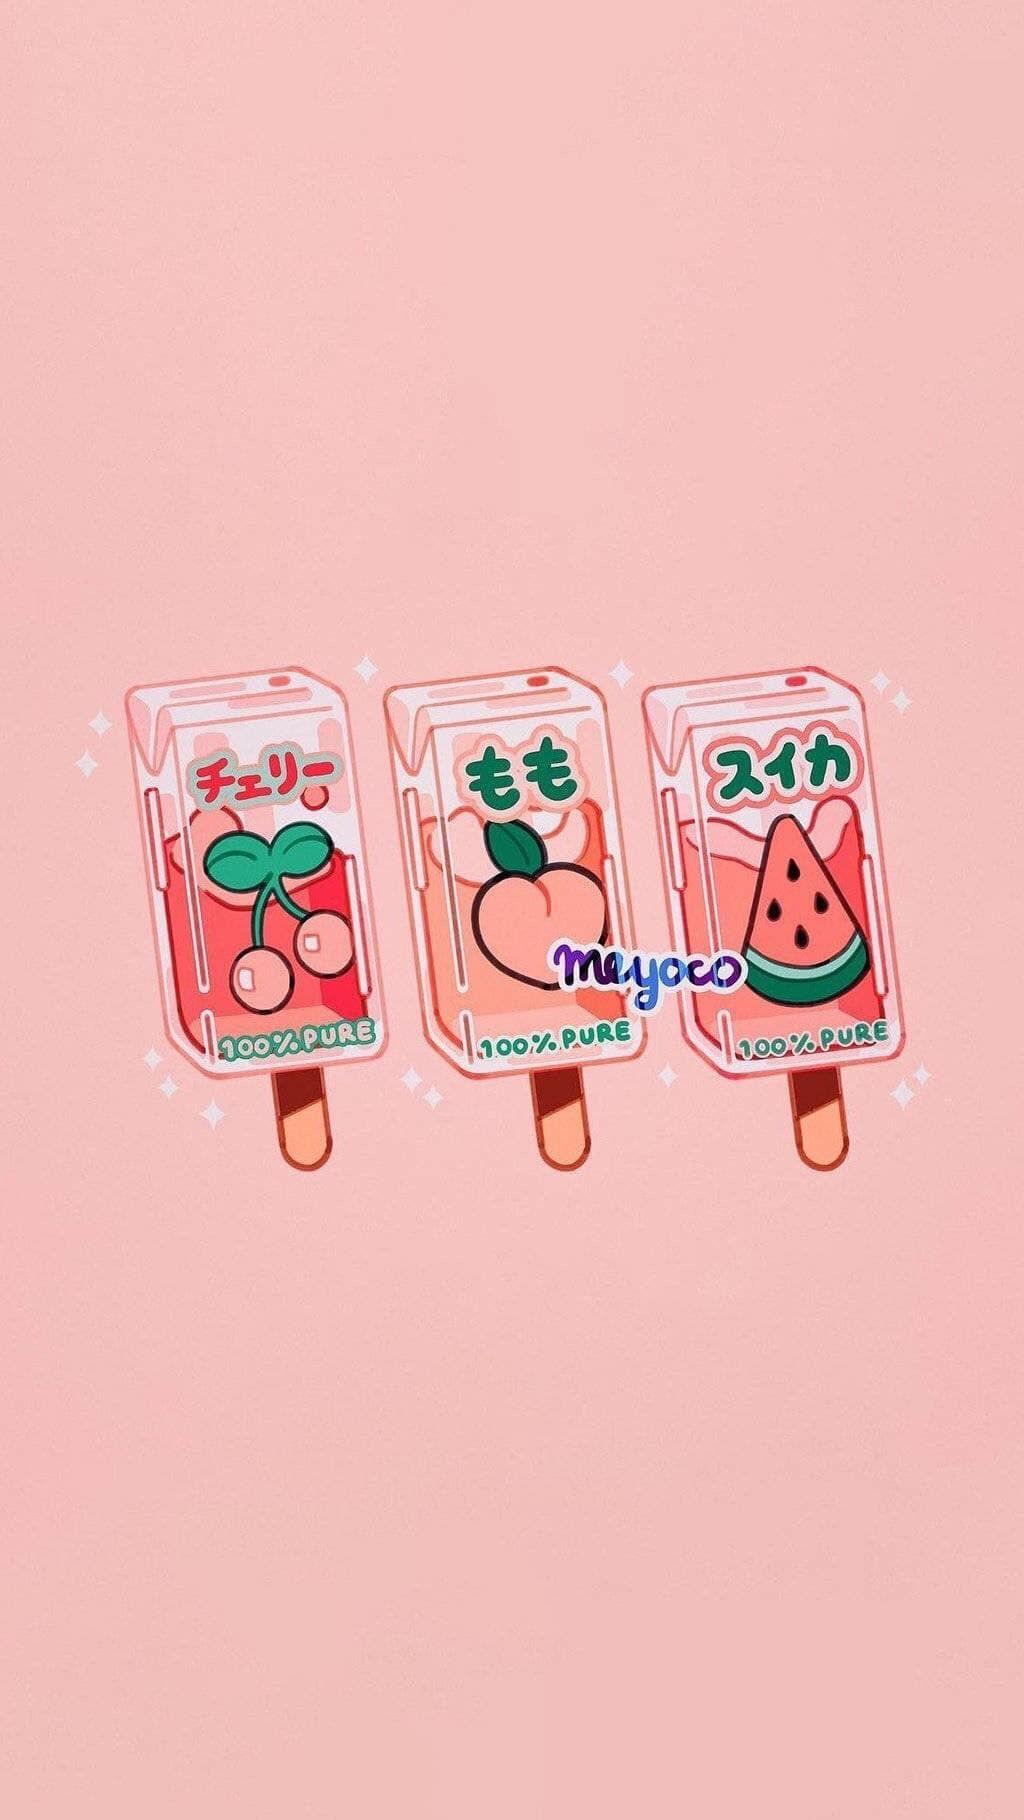 Food Cartoon Wallpaper Iphone Food Cartoon Cute Art Wallpaper Iphone Cute Kawaii Wallpaper